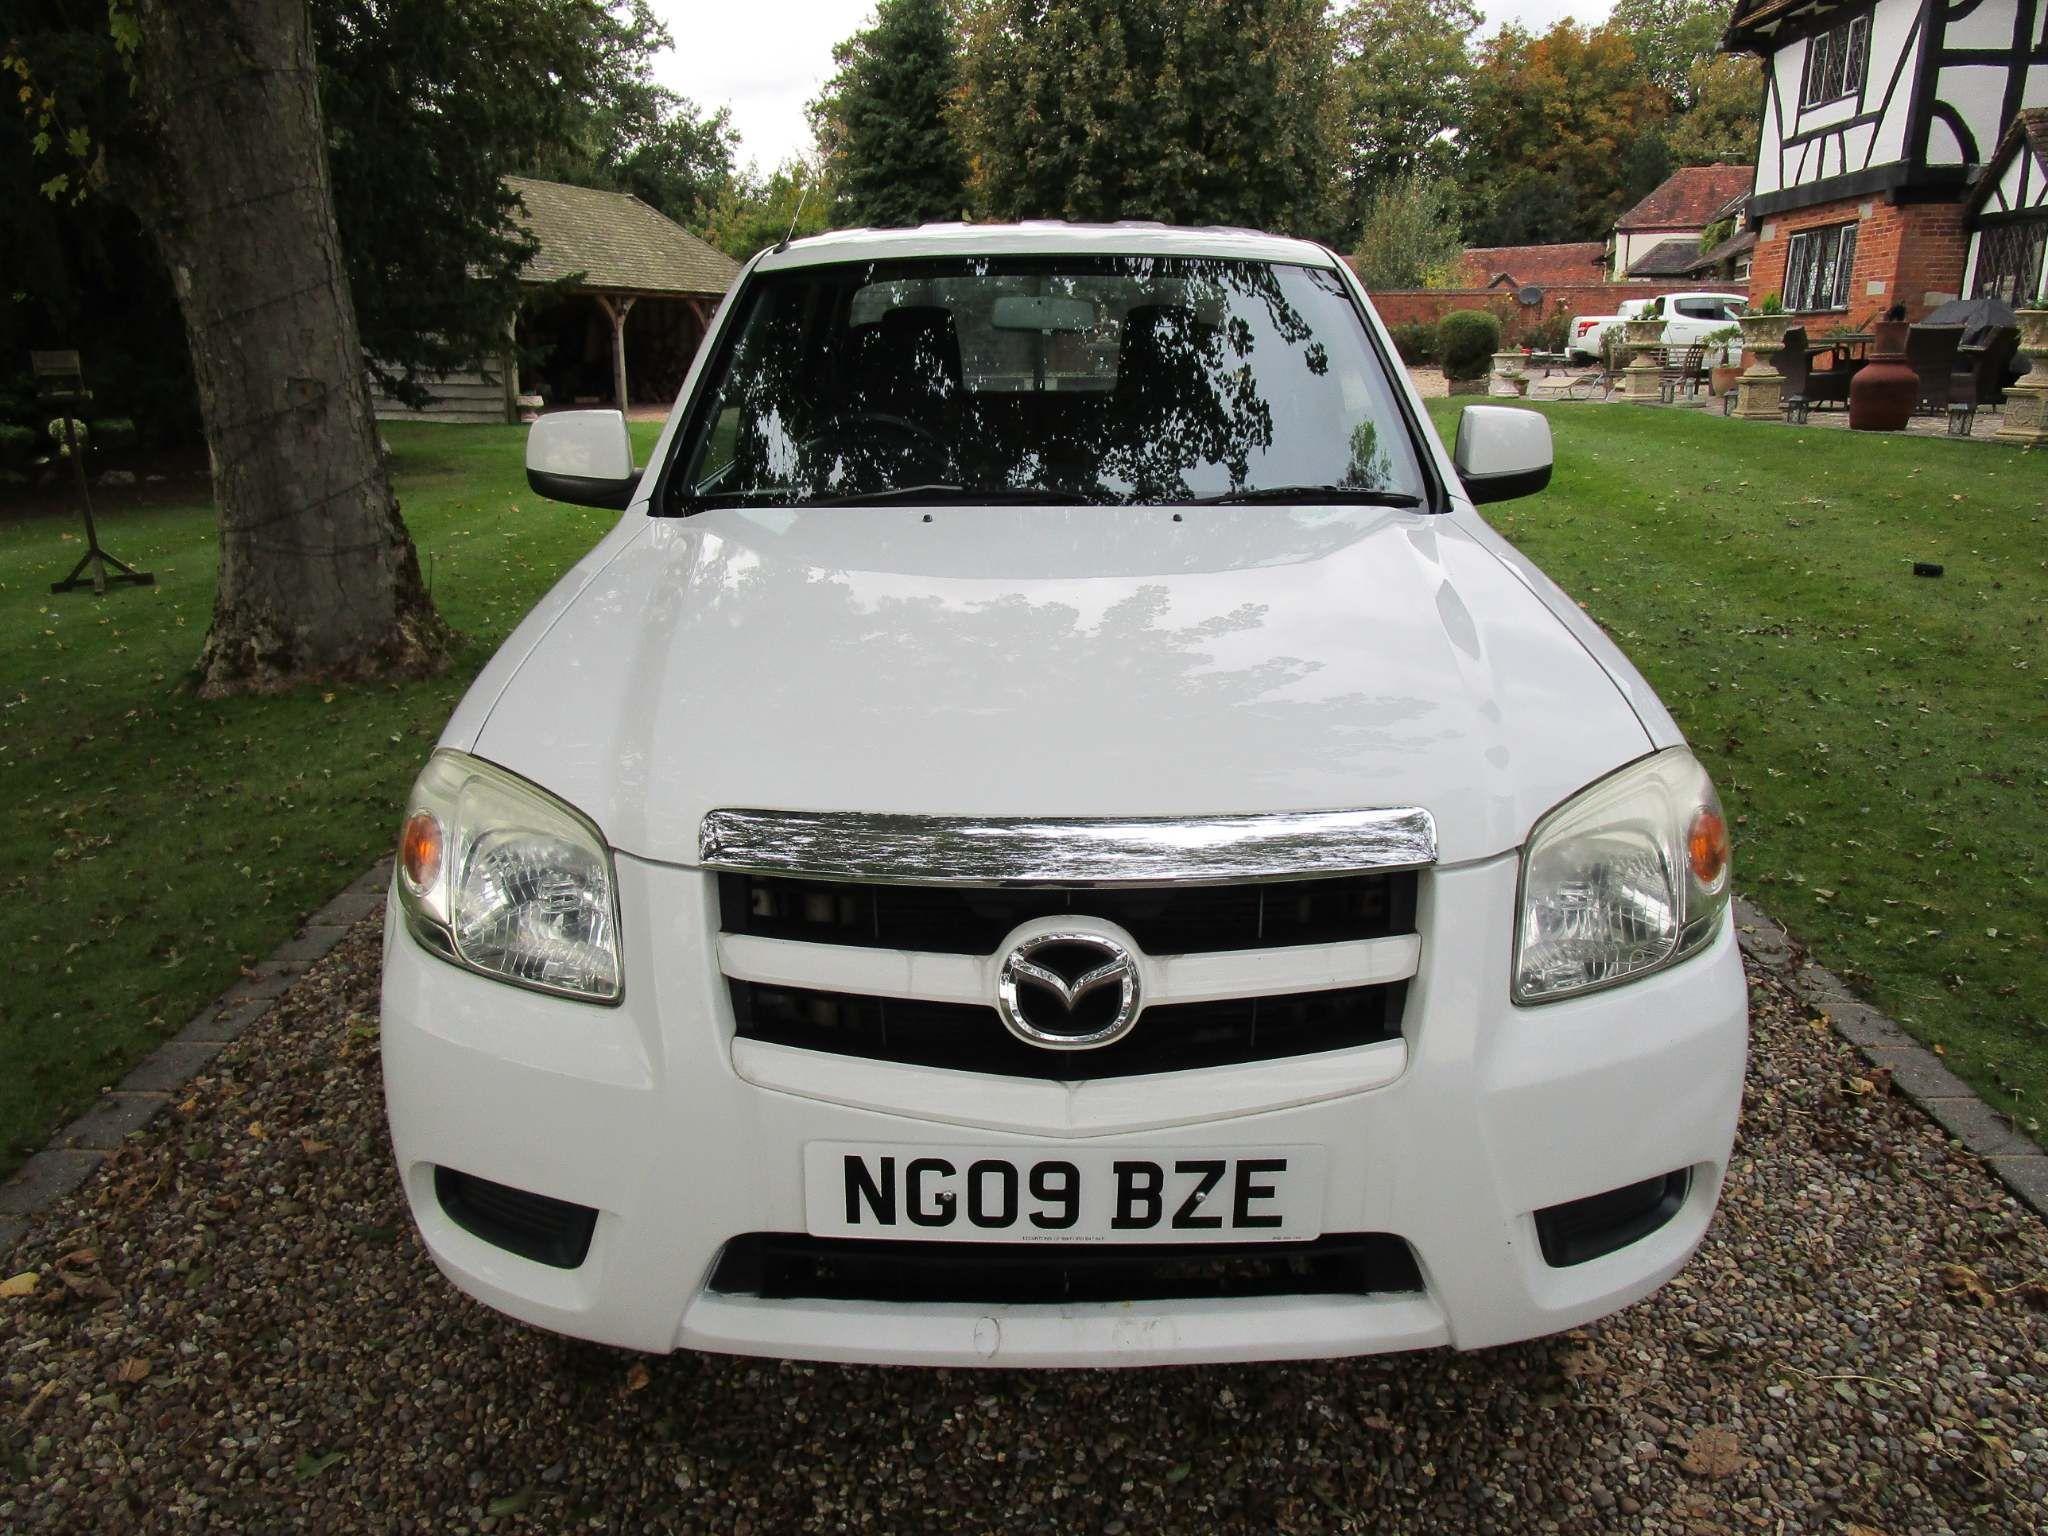 Kelebihan Kekurangan Mazda 2 Olx Perbandingan Harga